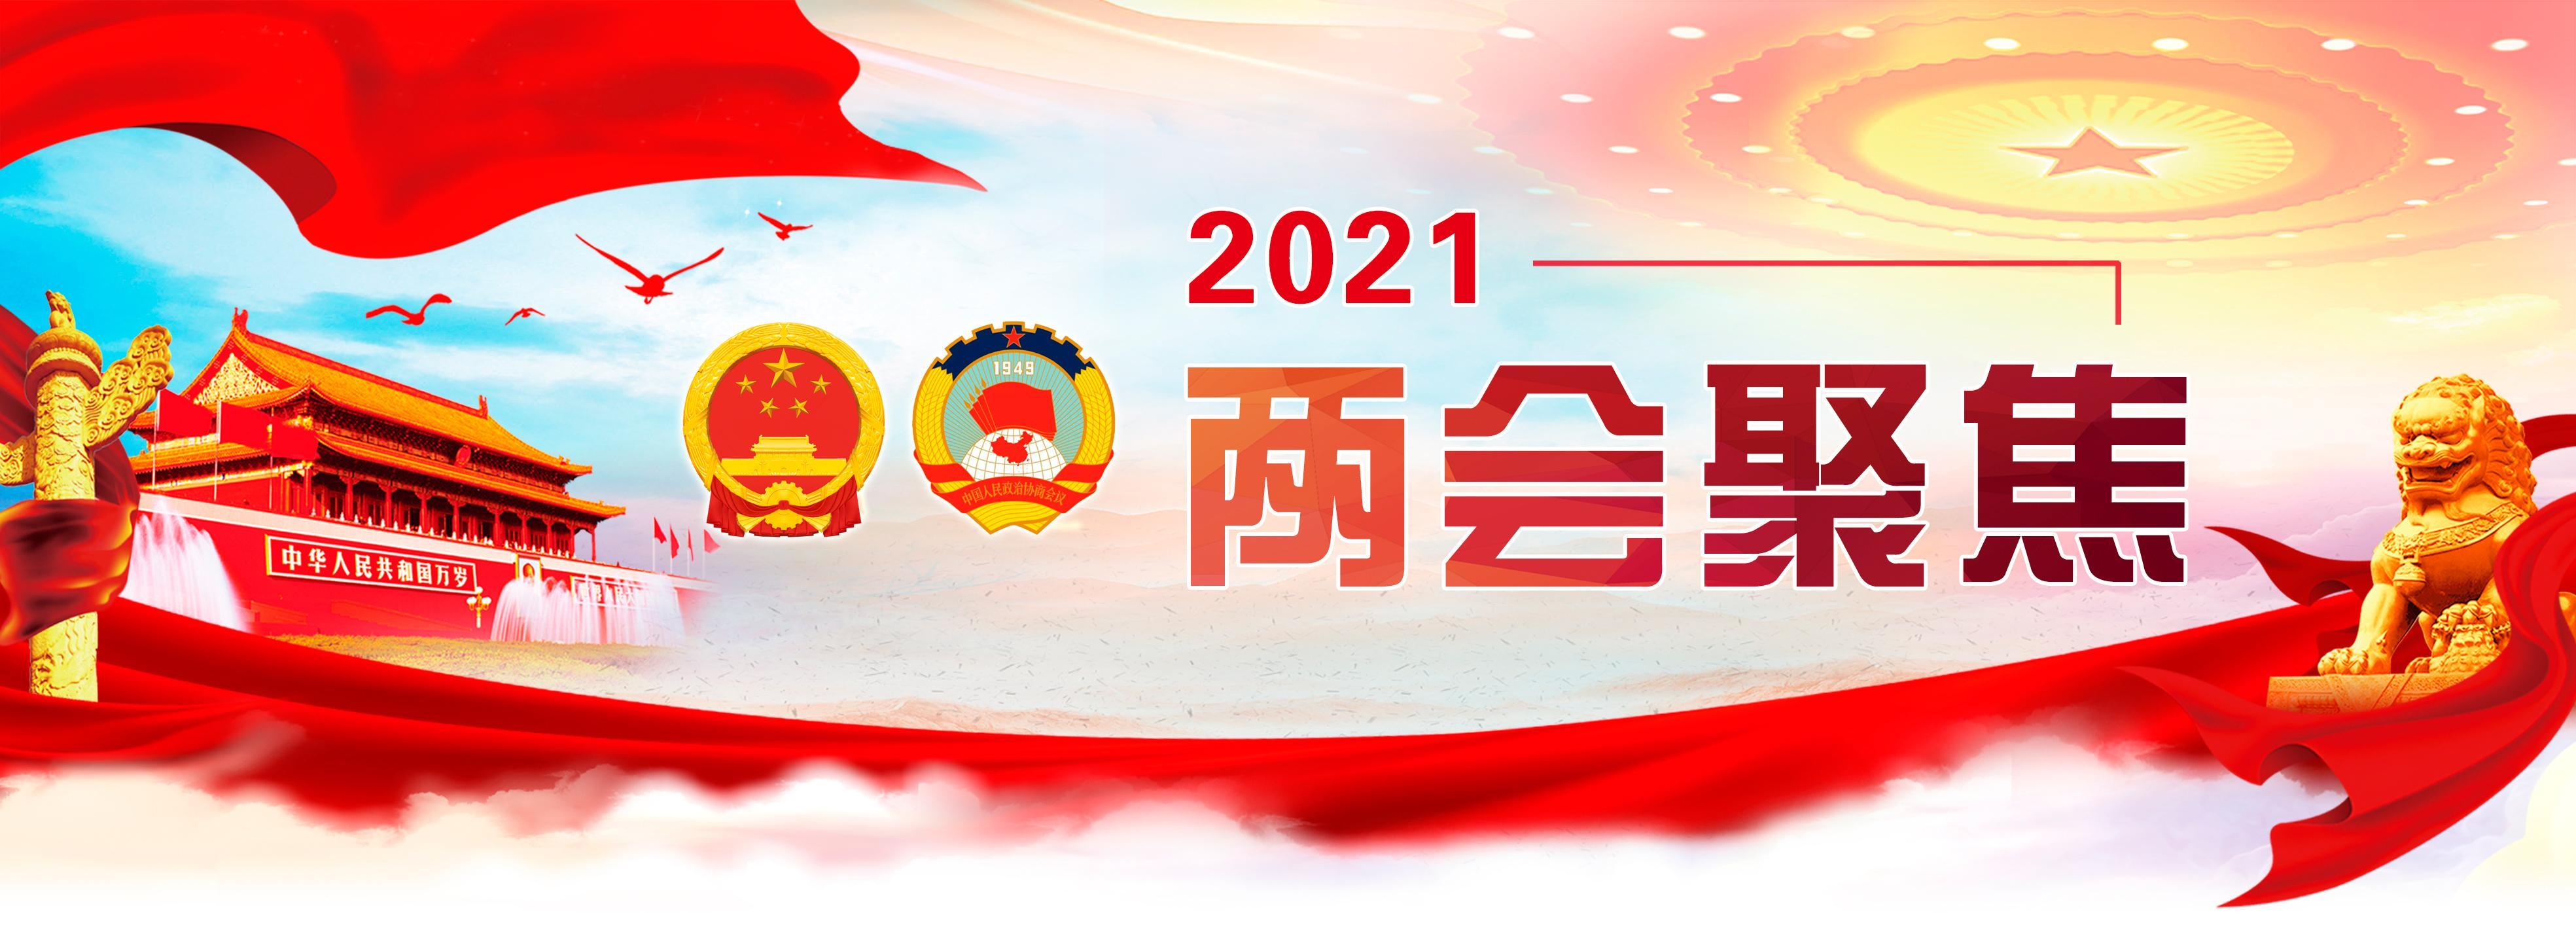 易胜博足球比分(昆明)食文化国际交流博览会